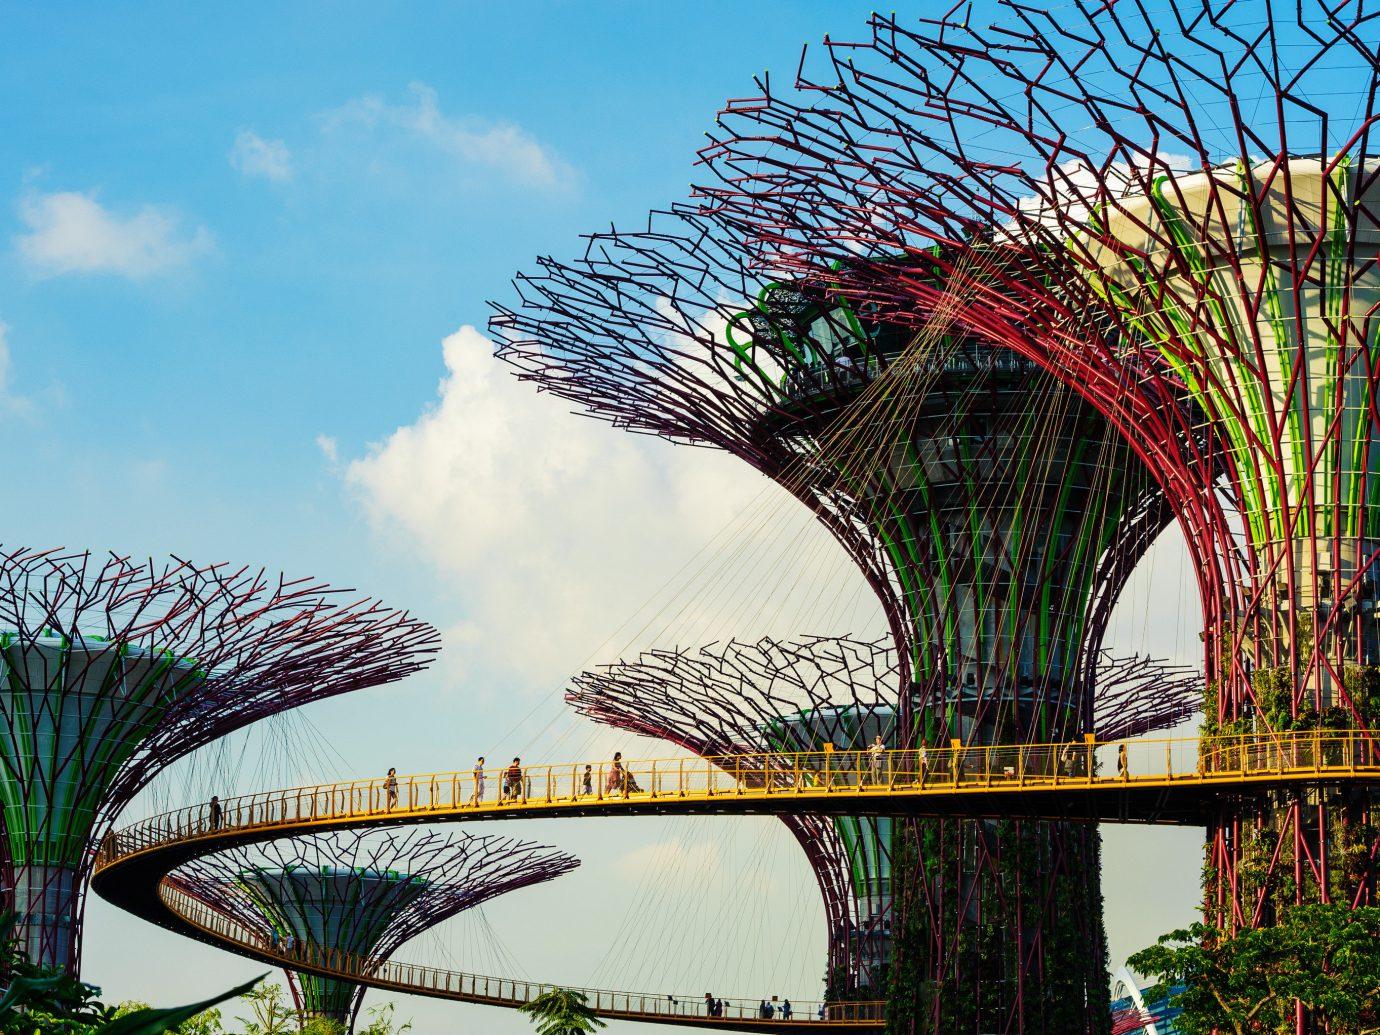 Arts + Culture Singapore Southeast Asia Trip Ideas sky outdoor landmark amusement park building tree bridge botany flower park arecales amusement ride arch cityscape nonbuilding structure Garden plant